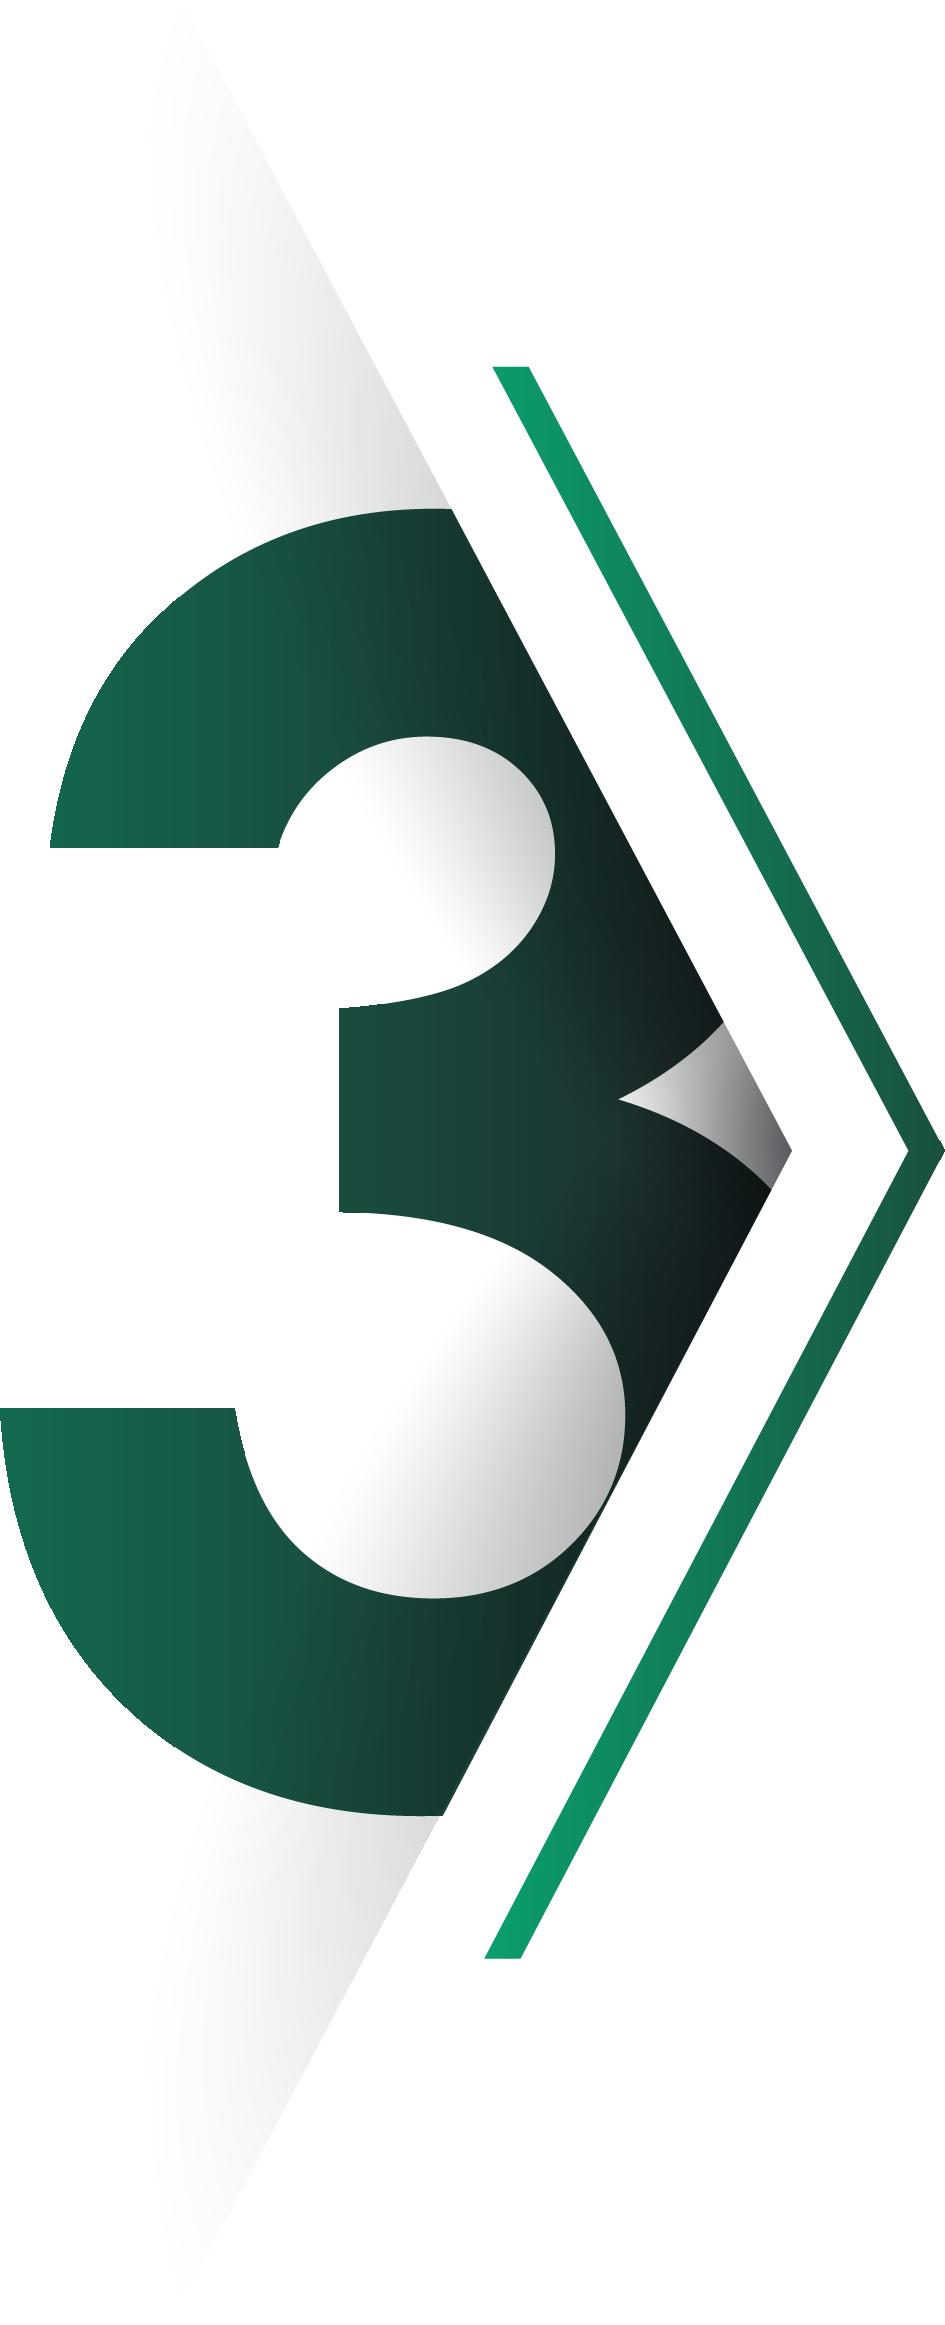 # 3 design